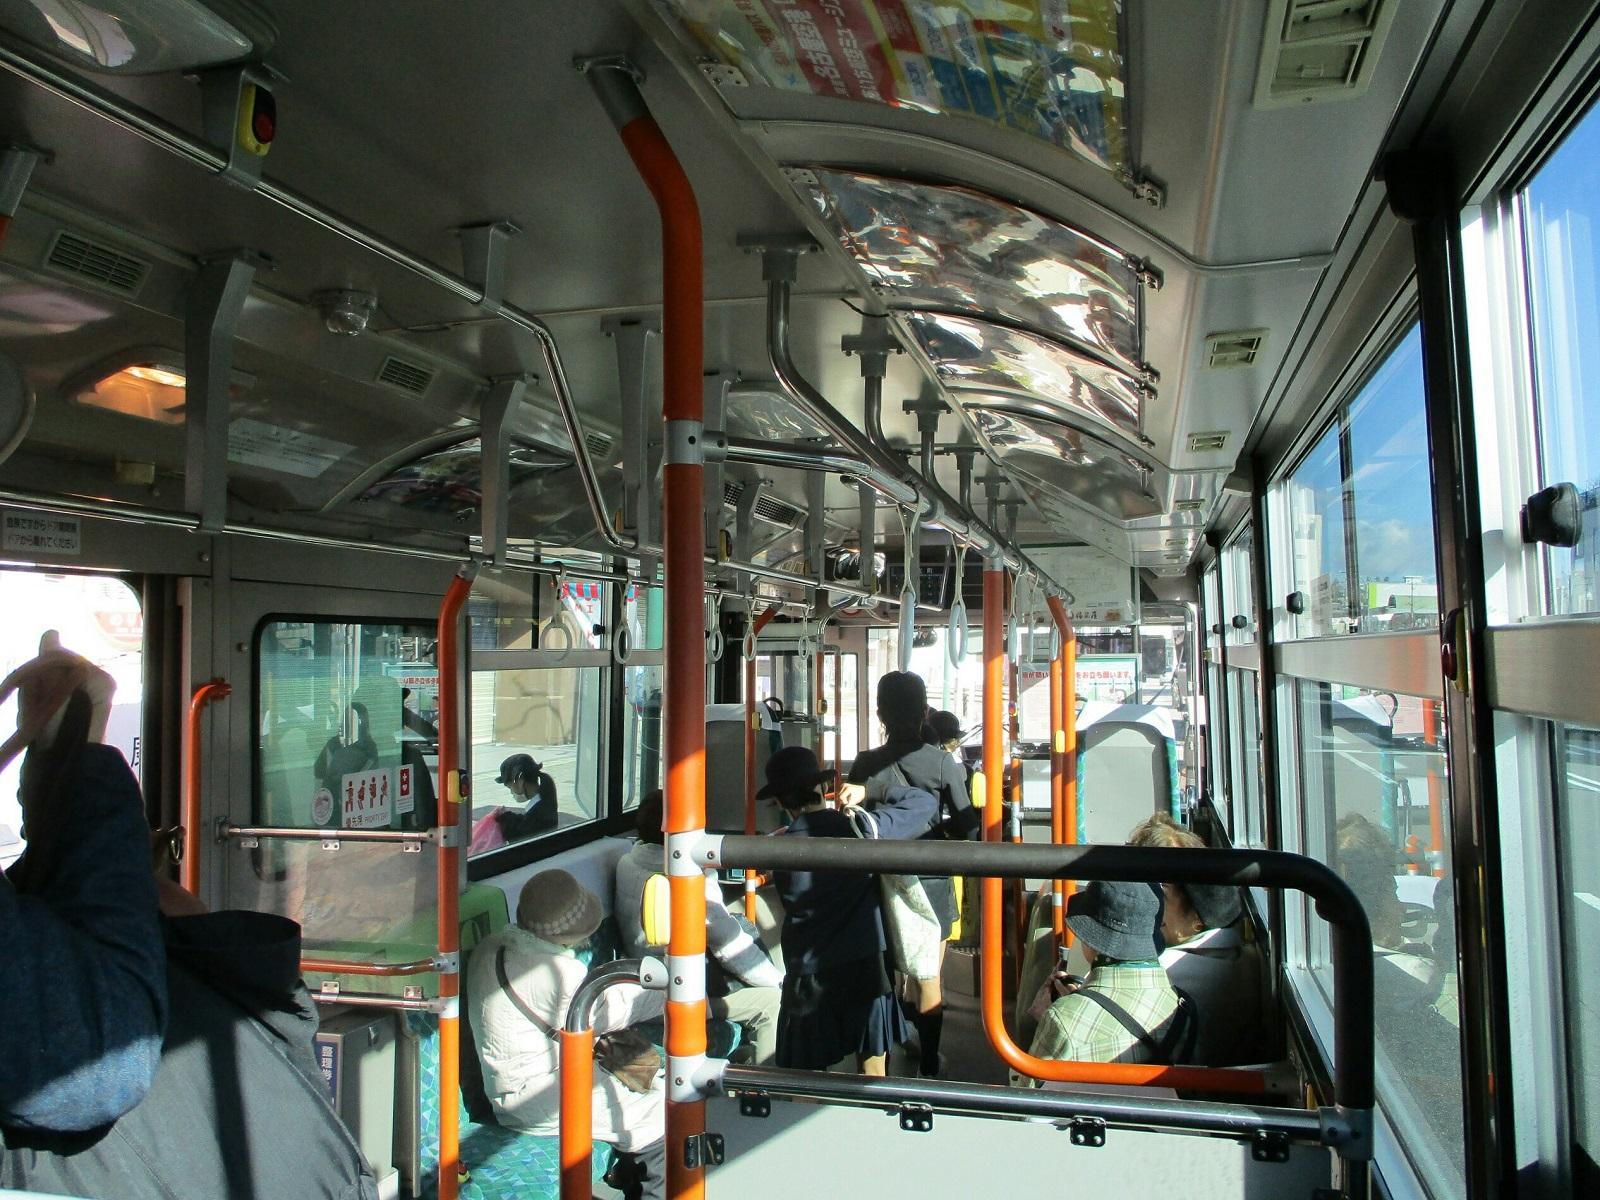 2019.3.7 (10) 奥殿陣屋いきバス - 康生町バス停 1600-1200